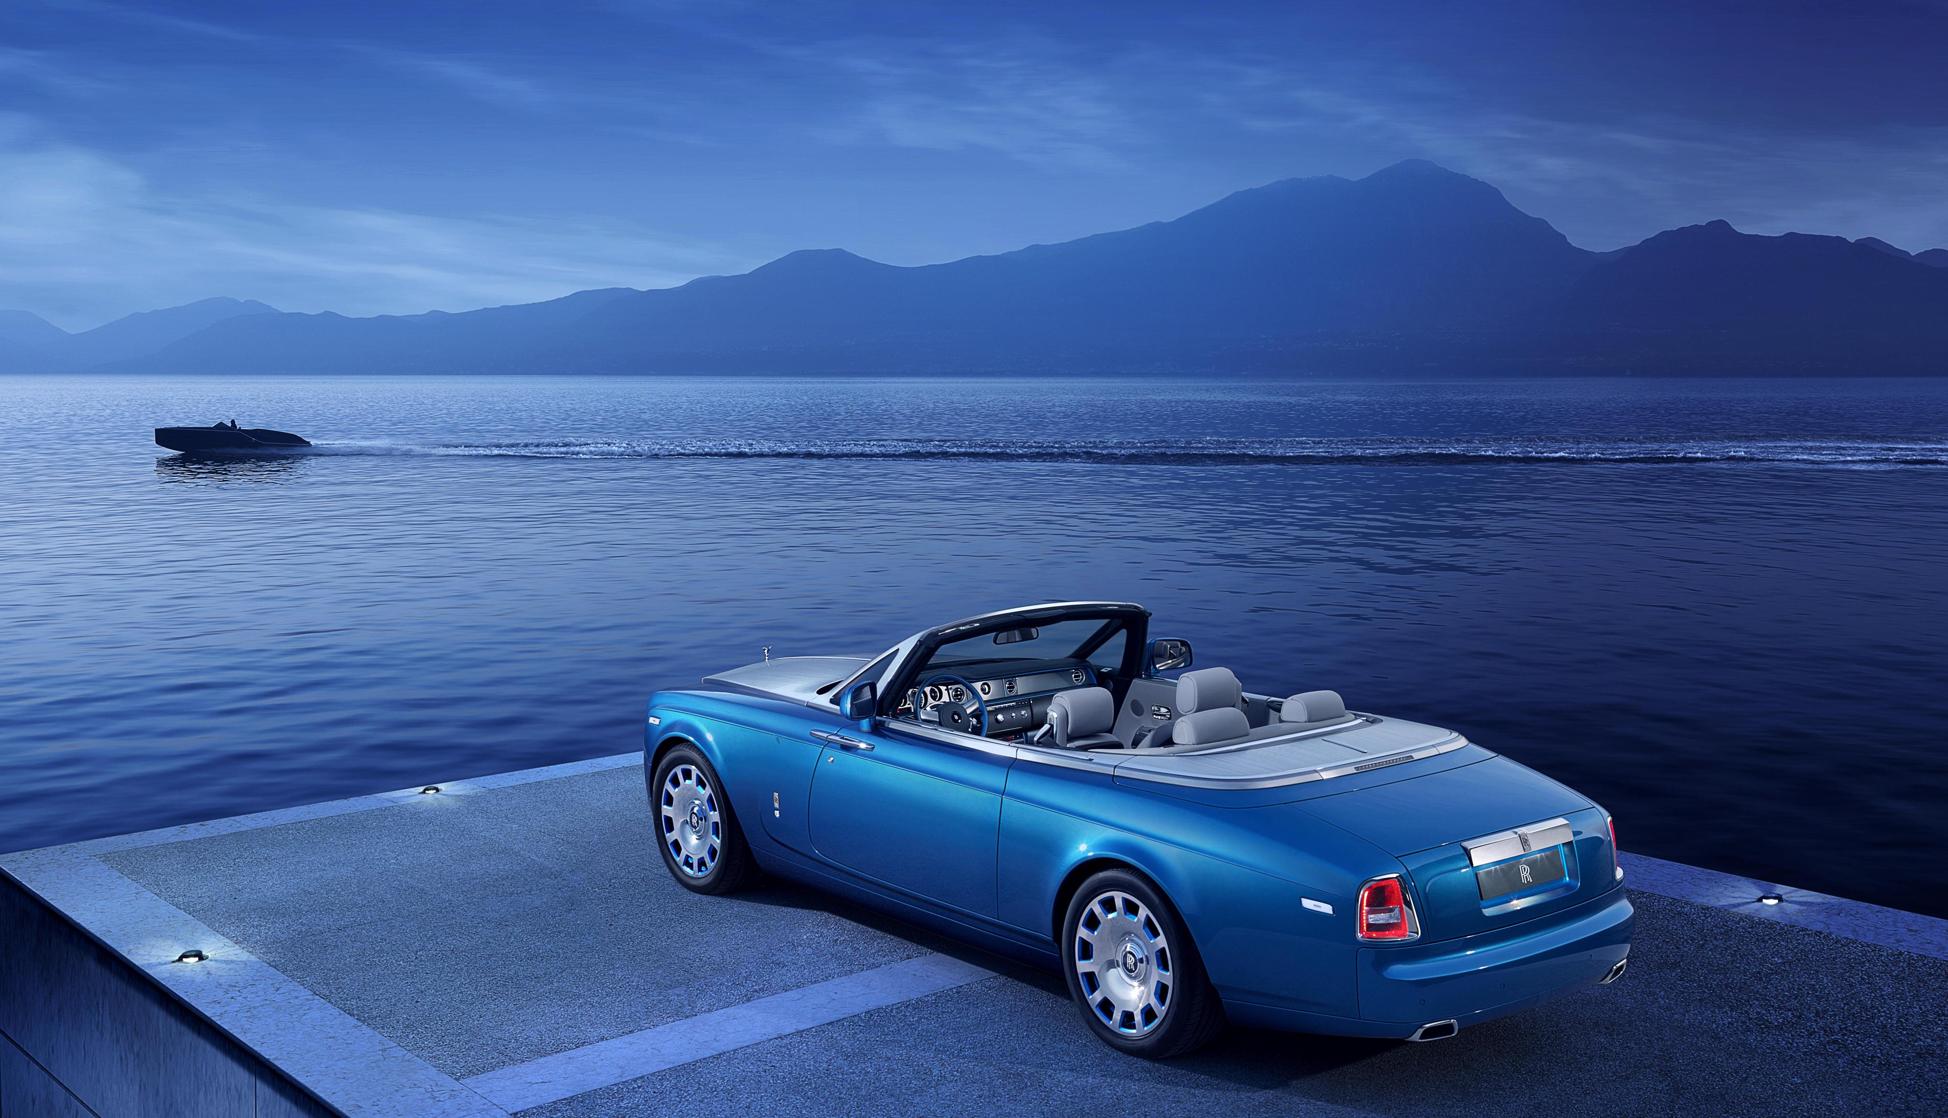 Rhapsody In Blue Rolls Royce Waterspeed Edition Heads To Villa D Este Garrett On The Road